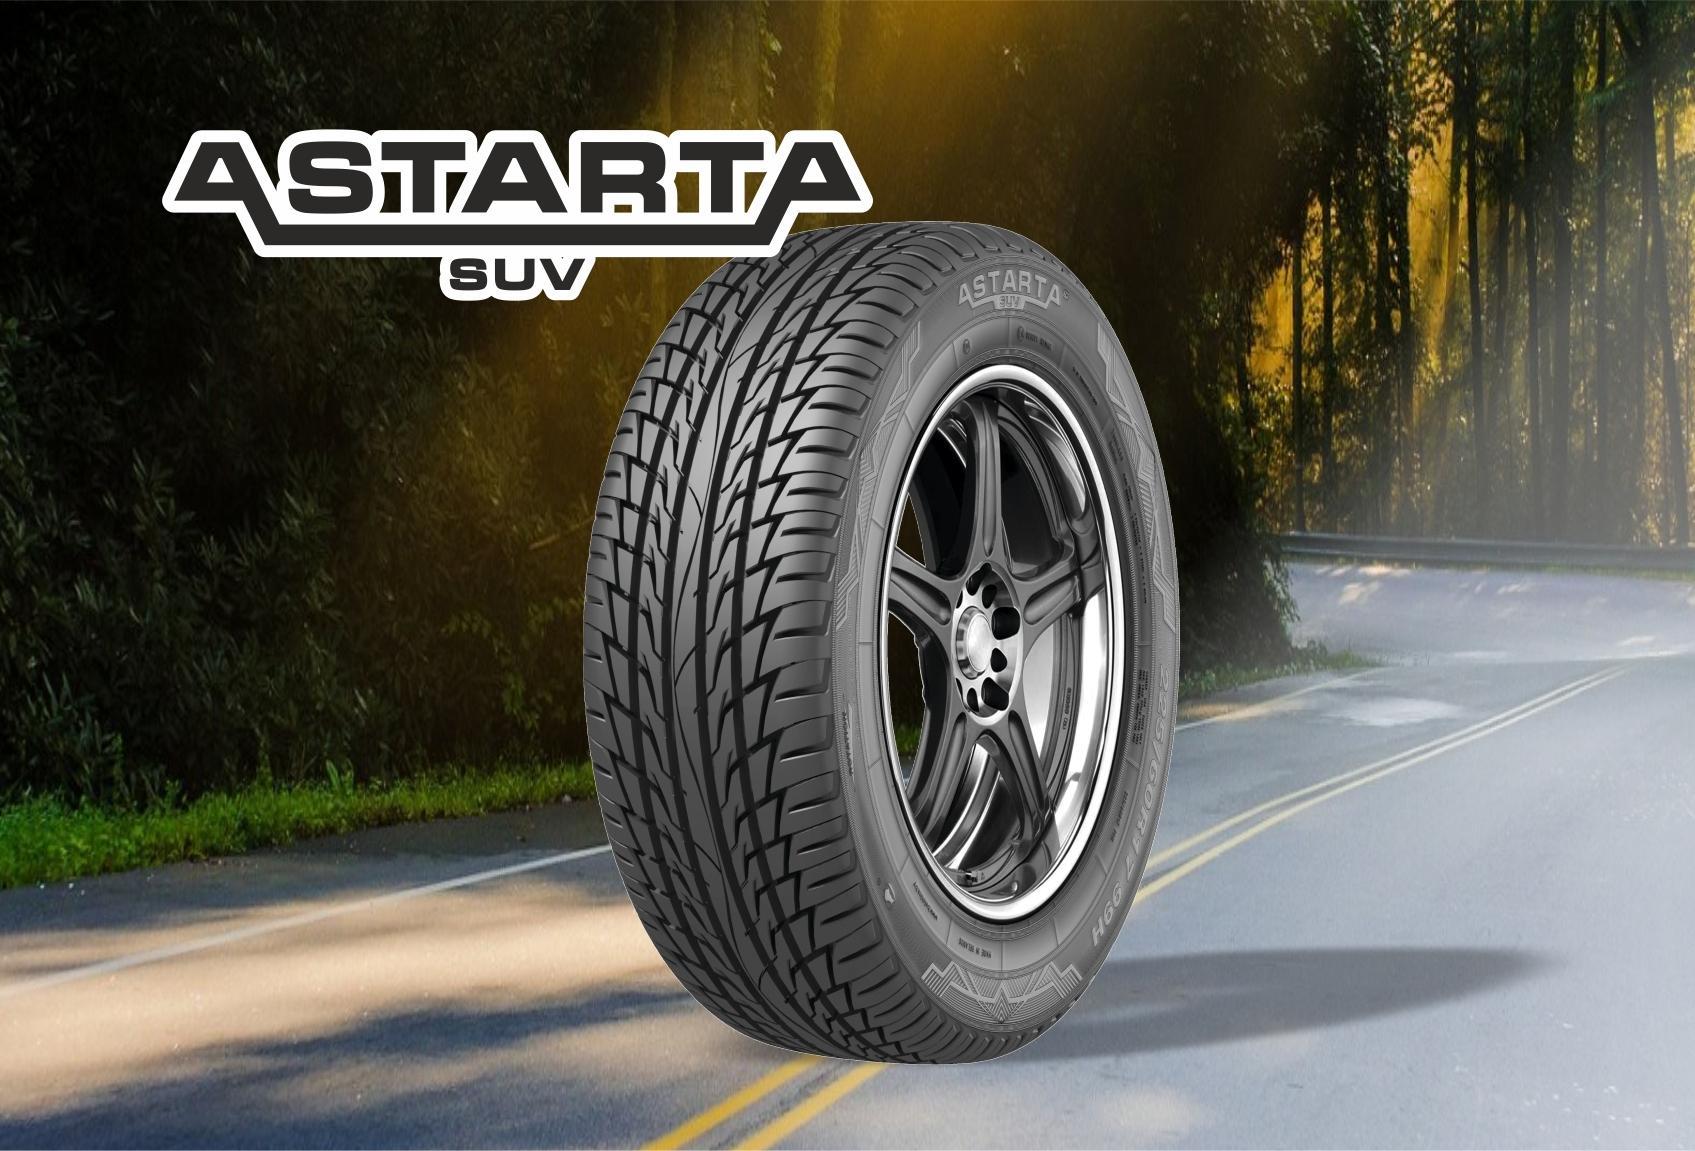 Бобруйская компания представила новую летнюю шину линейки AstartA SUV